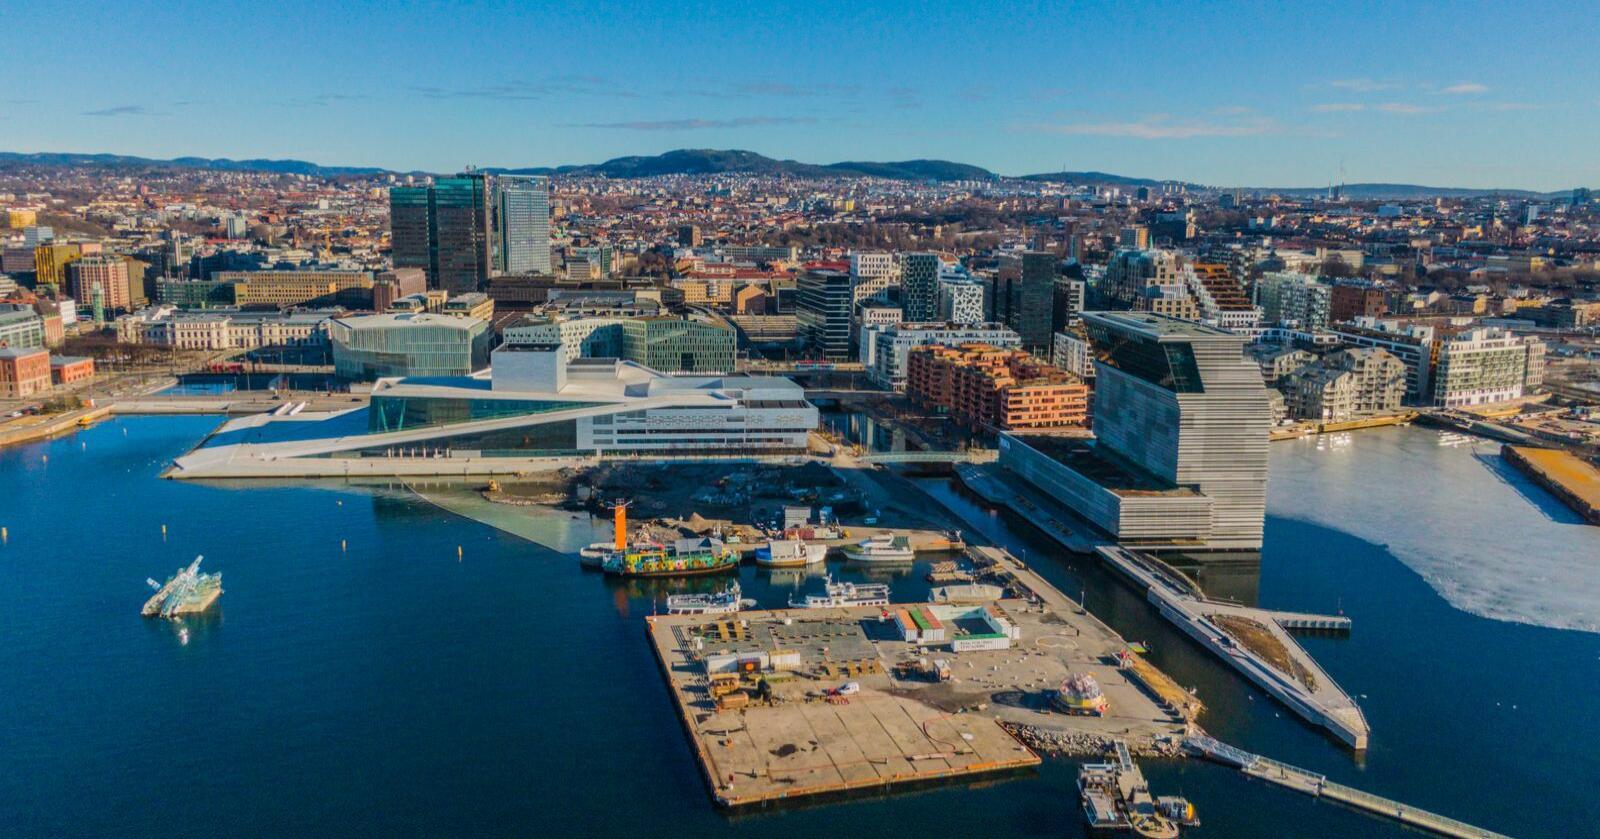 Rekordmange flyttet fra Oslo i fjor. Forskere peker på koronaeffekt. Foto: Stian Lysberg Solum / NTB